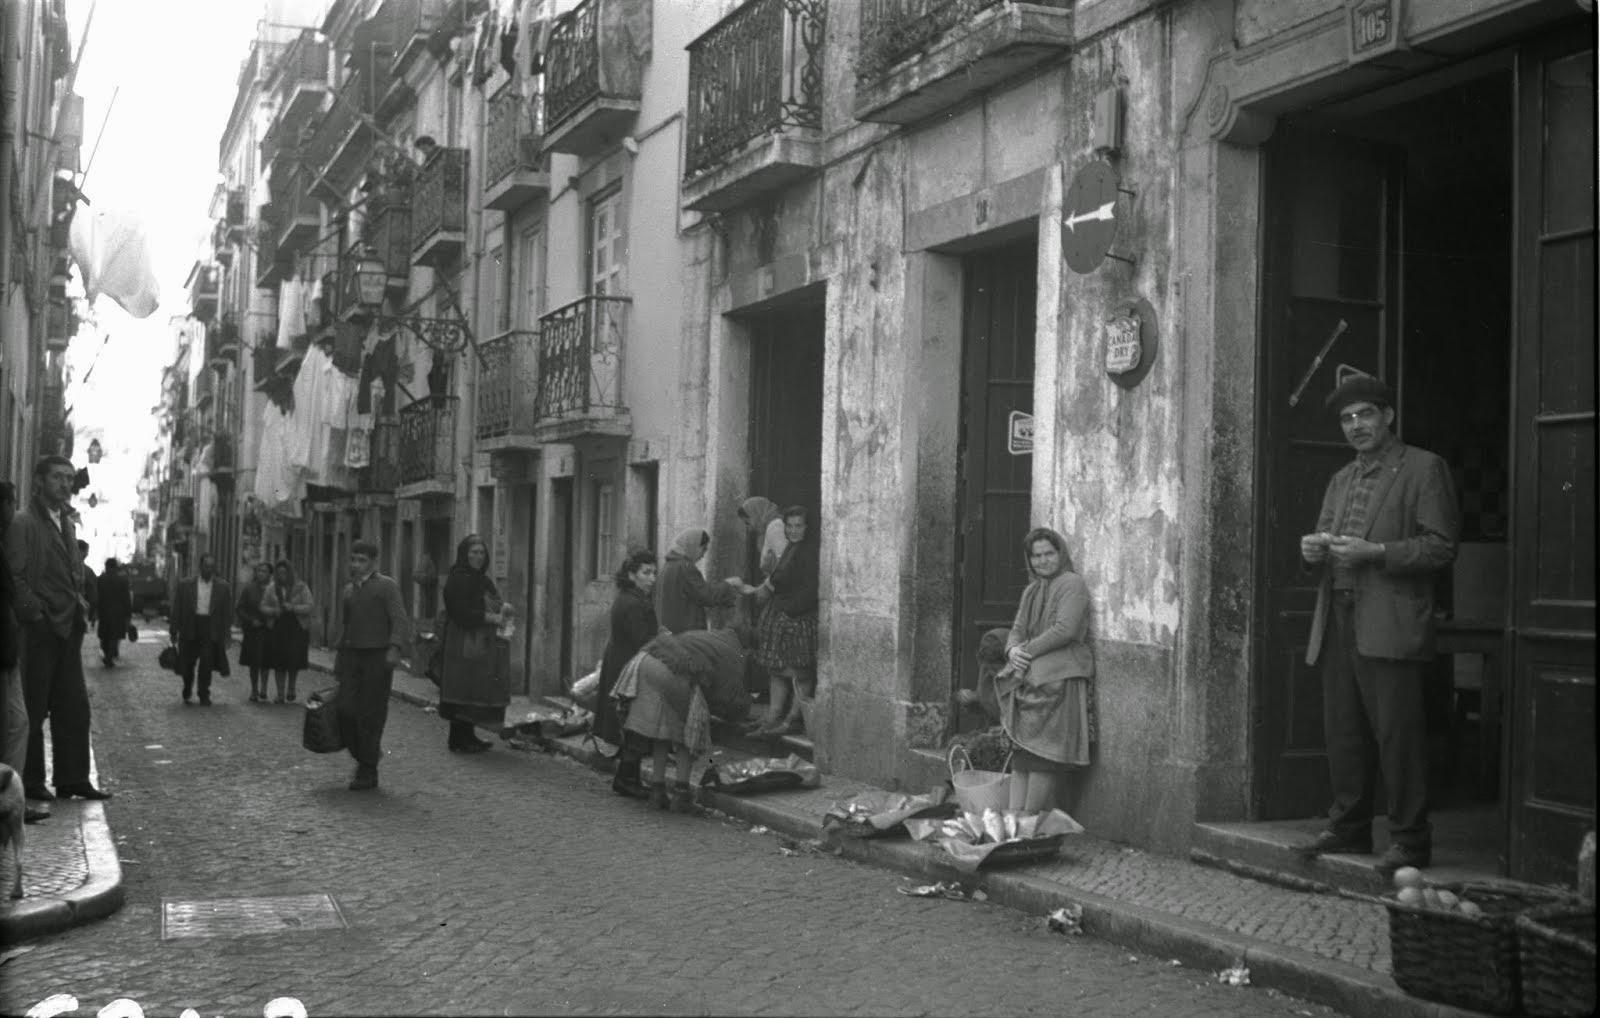 Lisboa / Rua da Atalaia